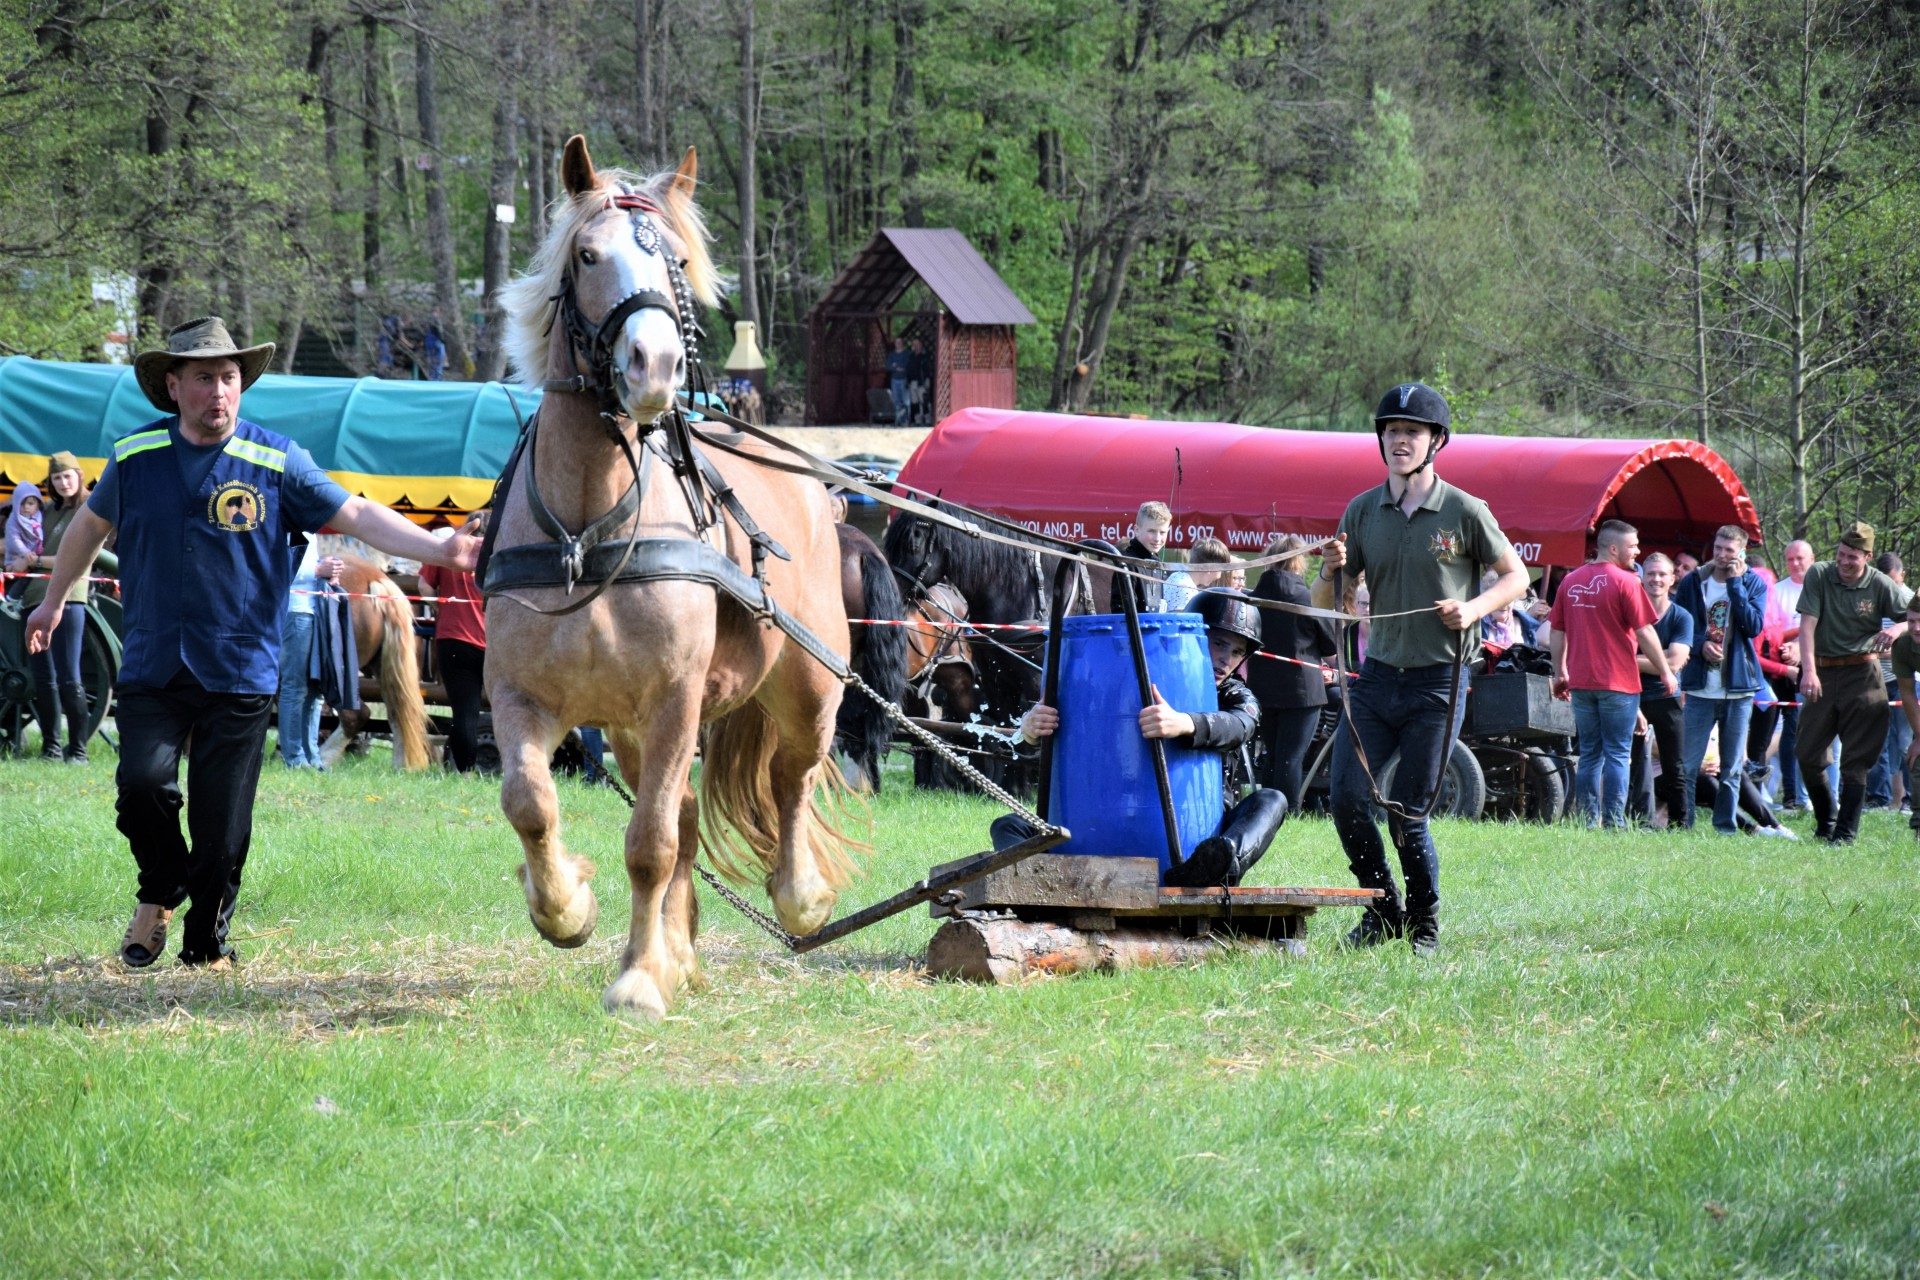 Konie, Kaszuby, Wiśta wio! Zawody w Ostrzycach [FOTOREPORTAŻ] 23